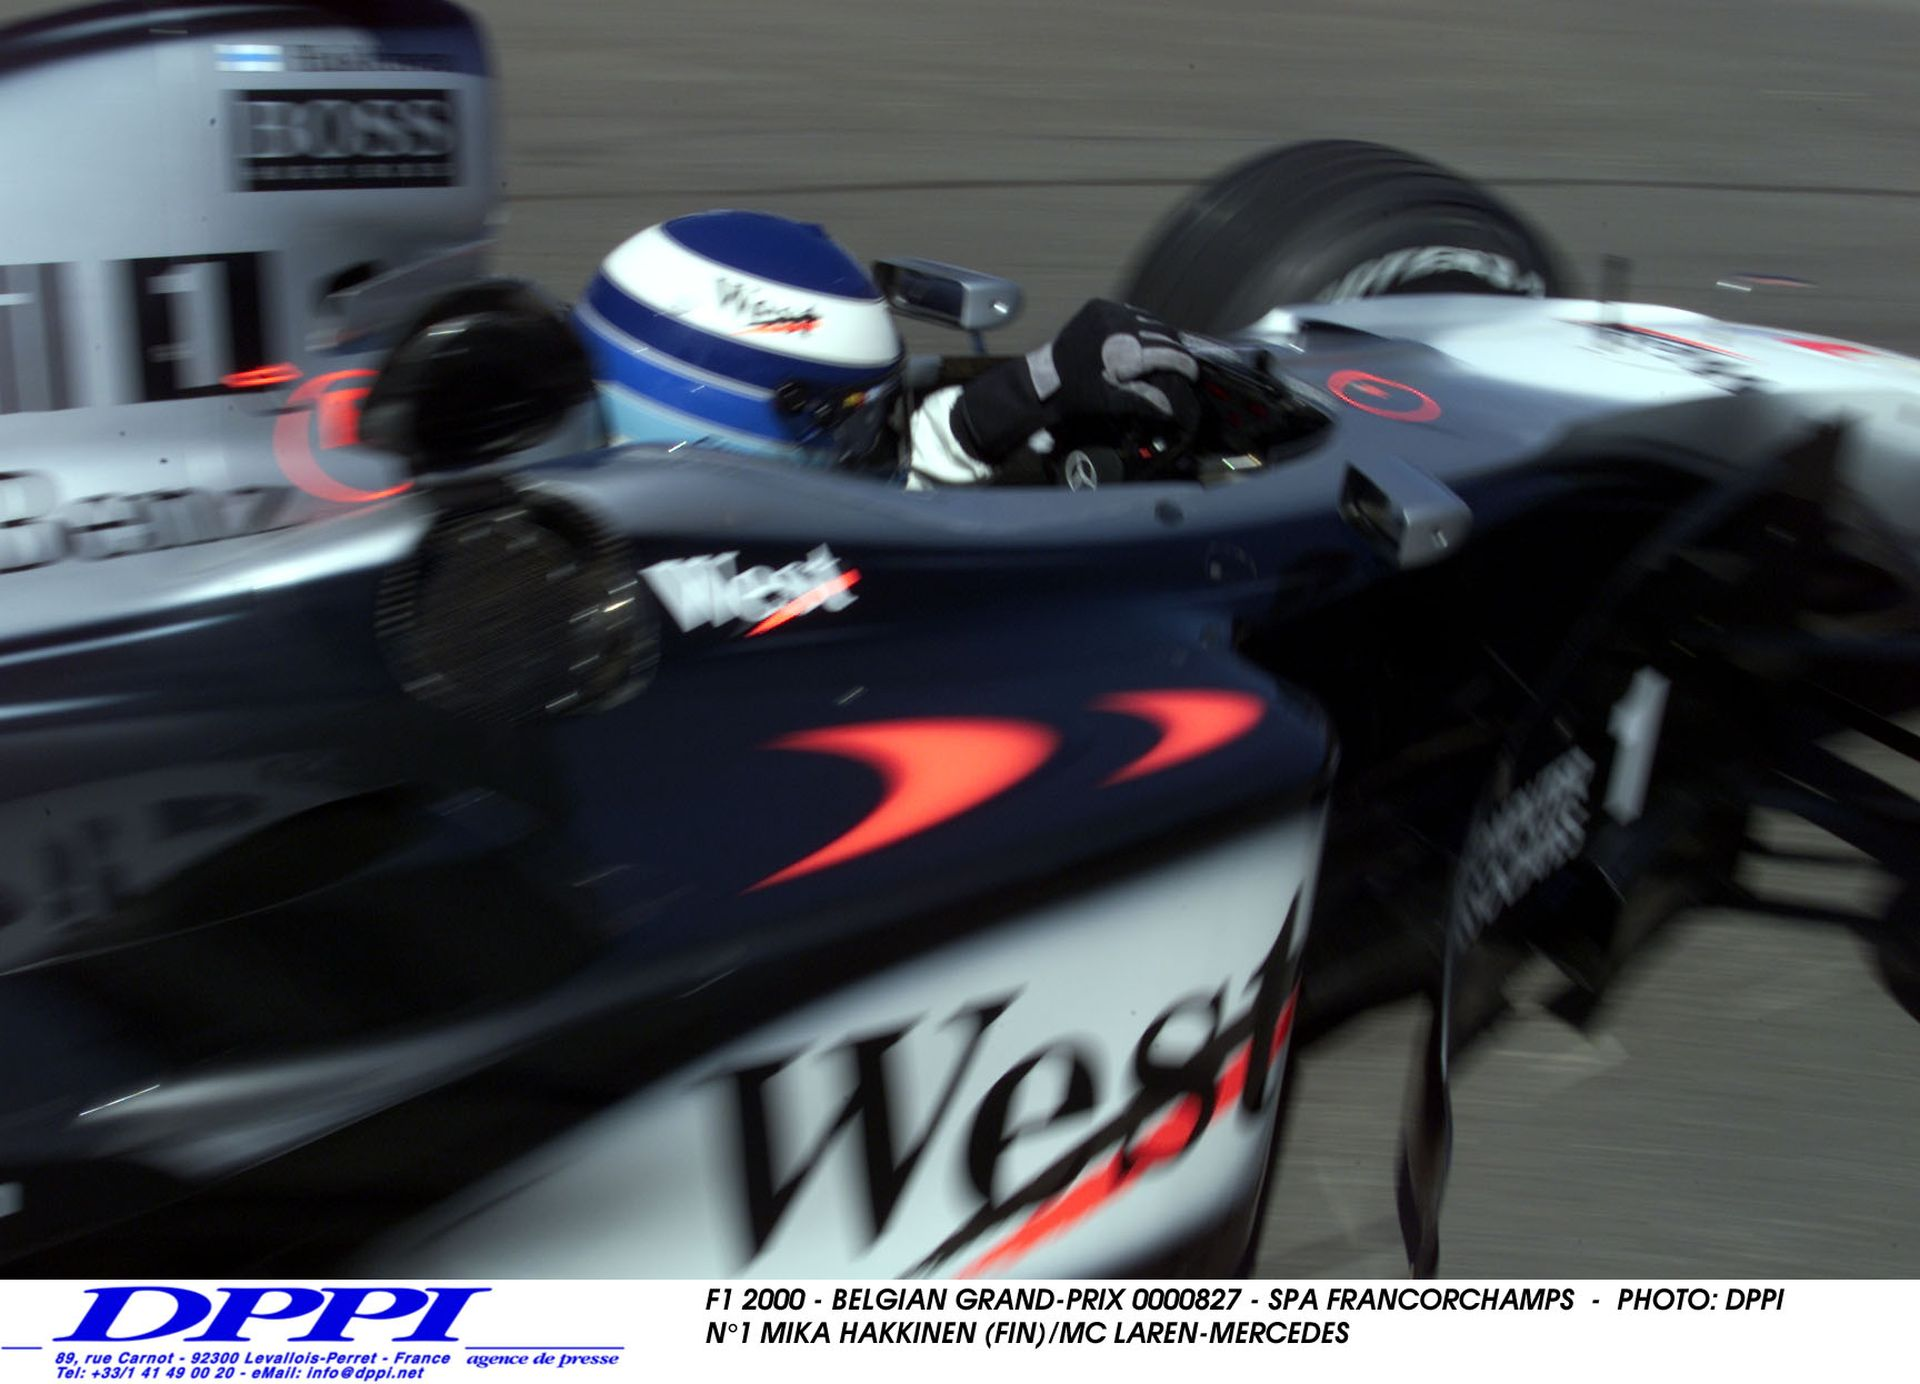 15 éve ilyen hangos volt a Forma-1 Spa Francorchamps-ban: Brutális, elképesztő, minden, ami jó!